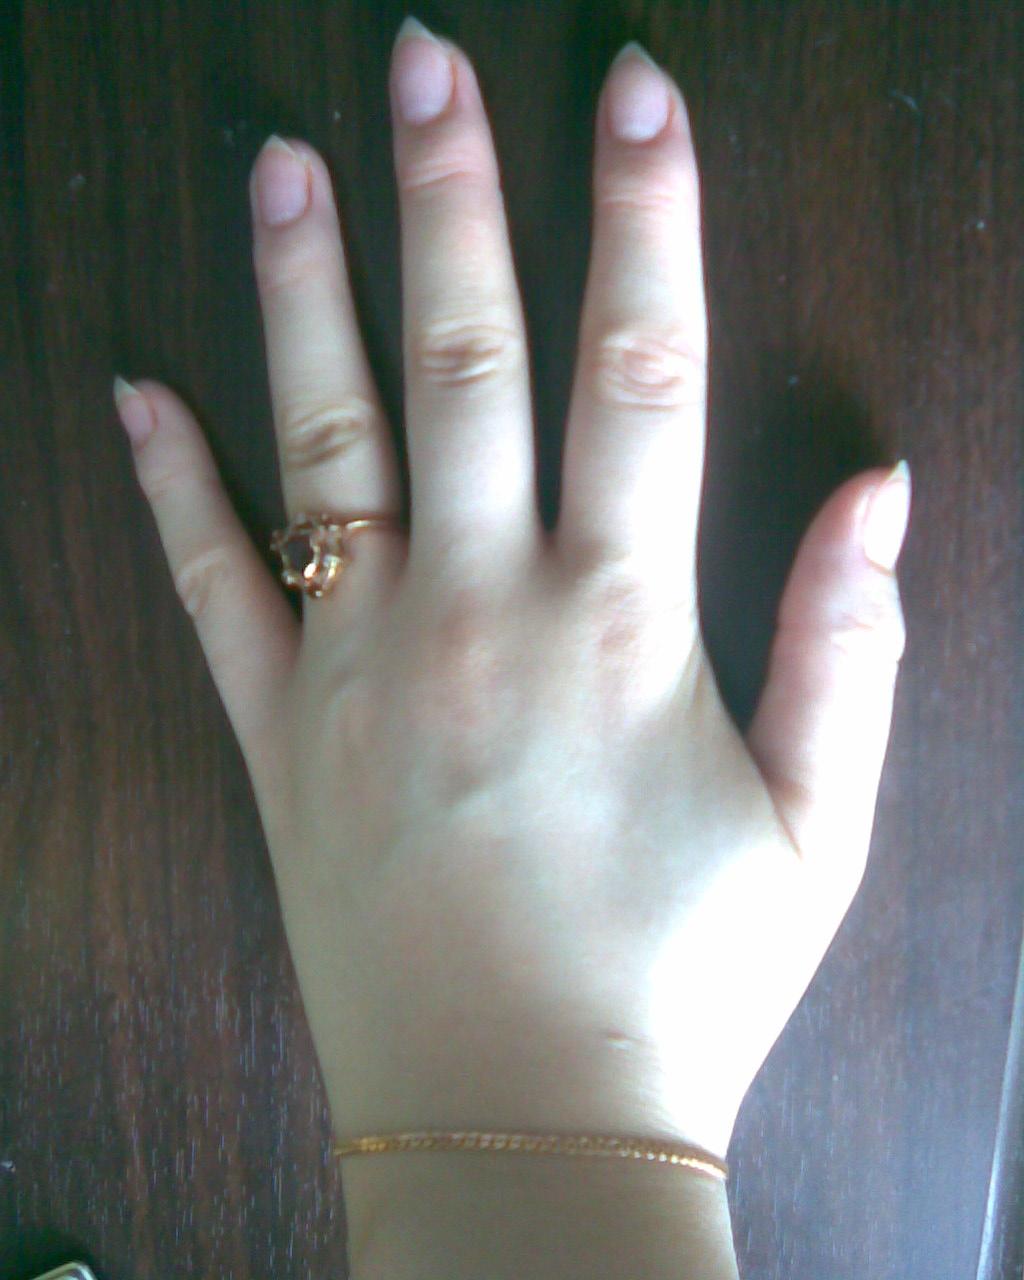 Как сделать ногти крепче и чтобы росли быстро